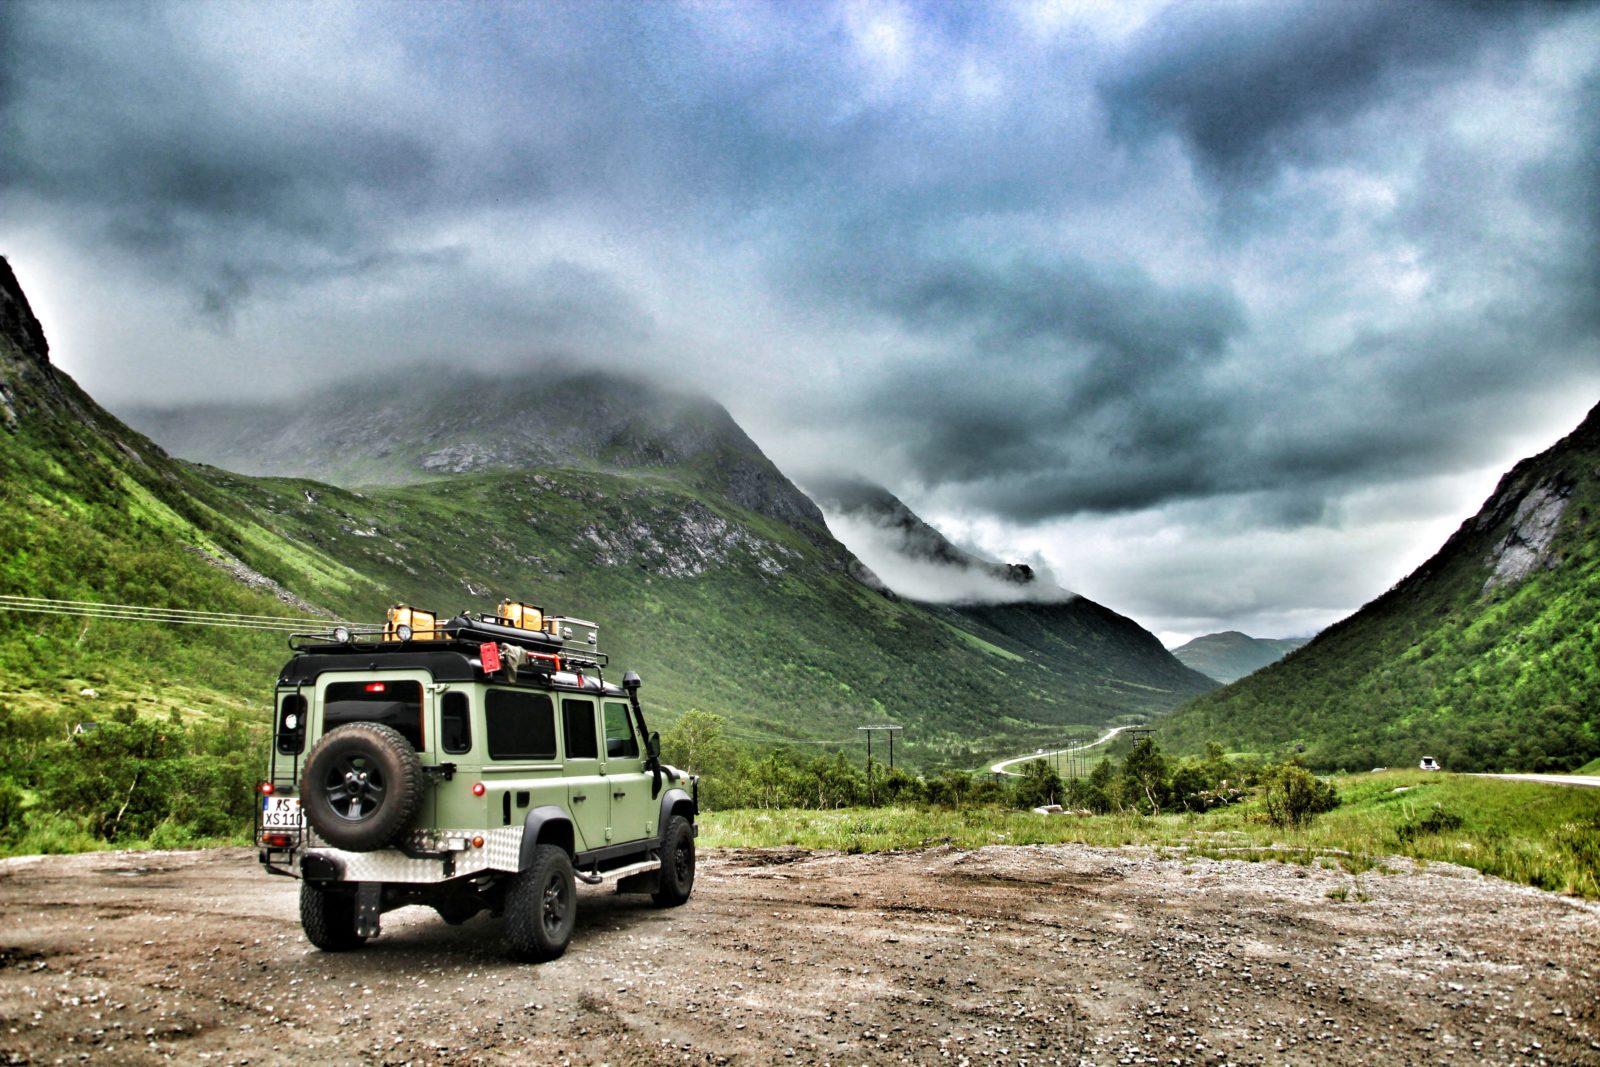 Fahrzegausbau Willibald - Ein herrlicher Platz in Norwegen.